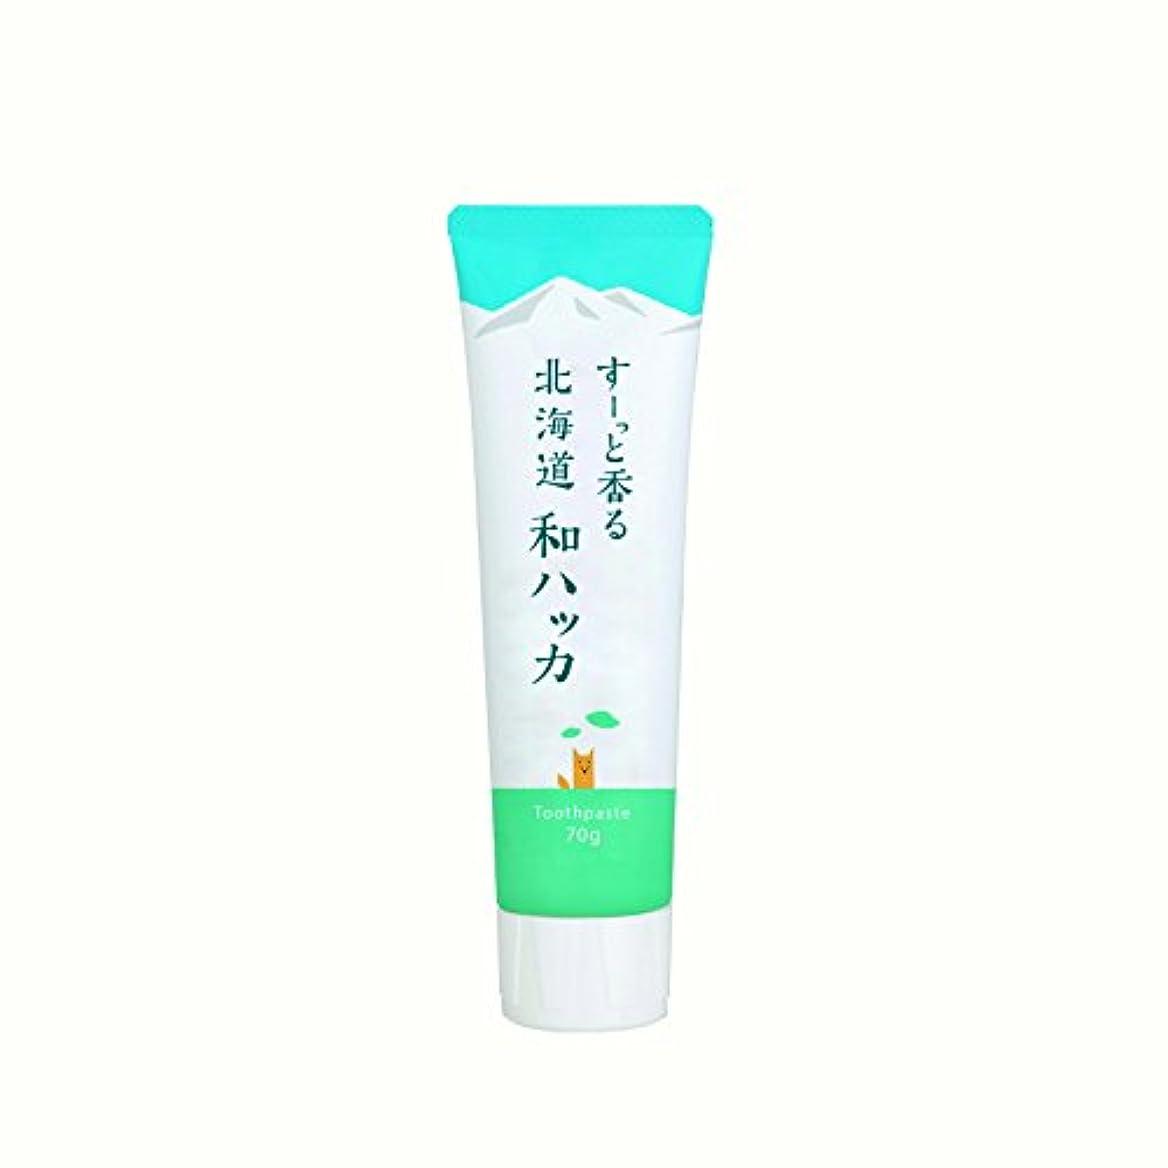 砂漠荷物しなければならない(美健)BIKEN ハッカ歯磨き粉 すーっと香る北海道和ハッカ